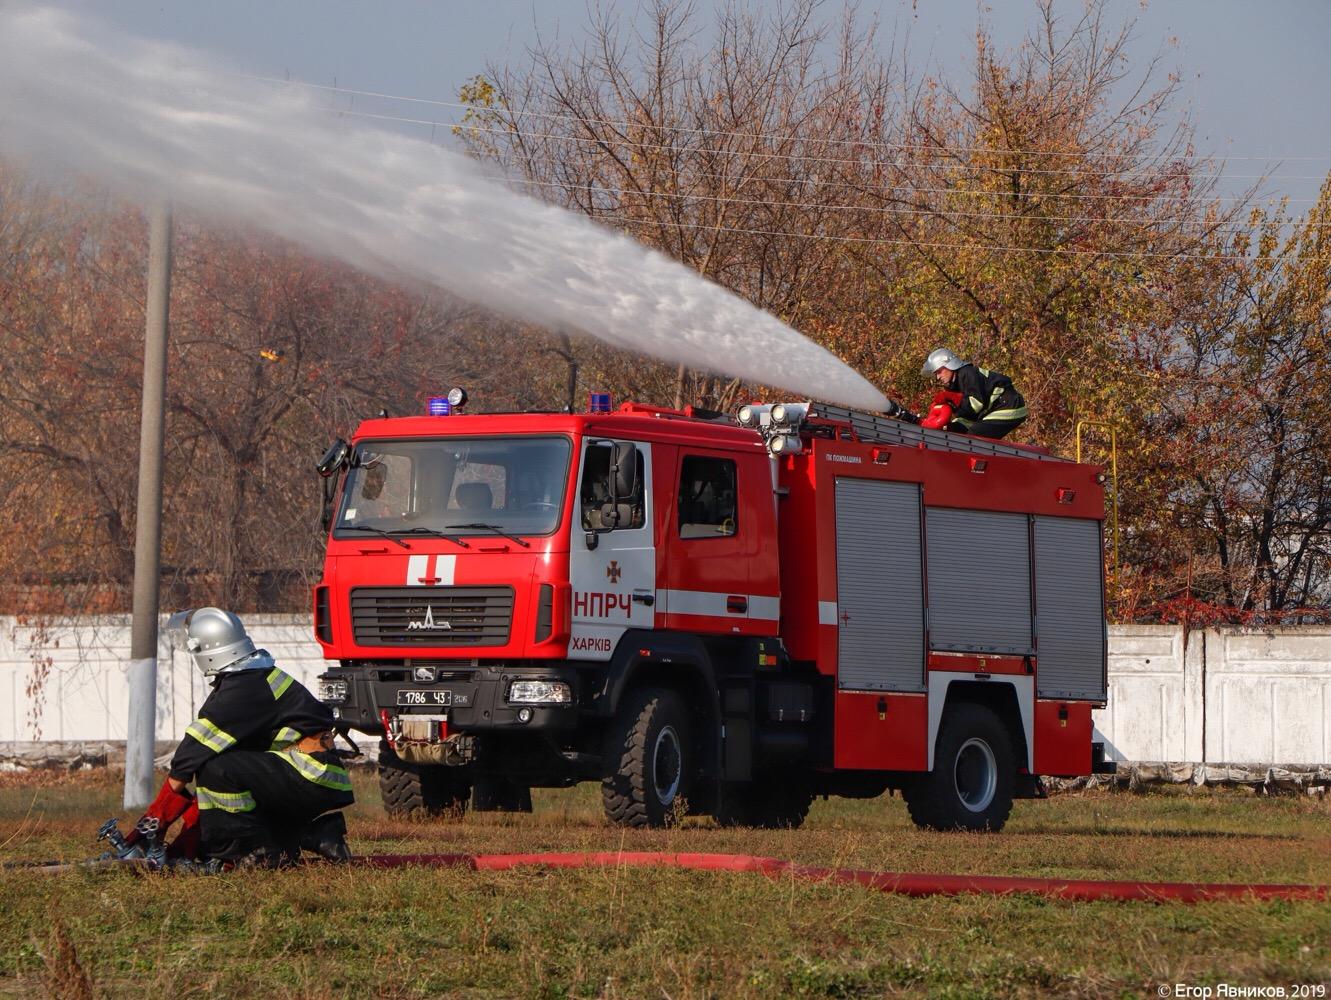 Автоцистерна пожарная АЦ-4-60 (5309)-505М, #1786Ч3. Харьковская область, г. Харьков, улица Баварская